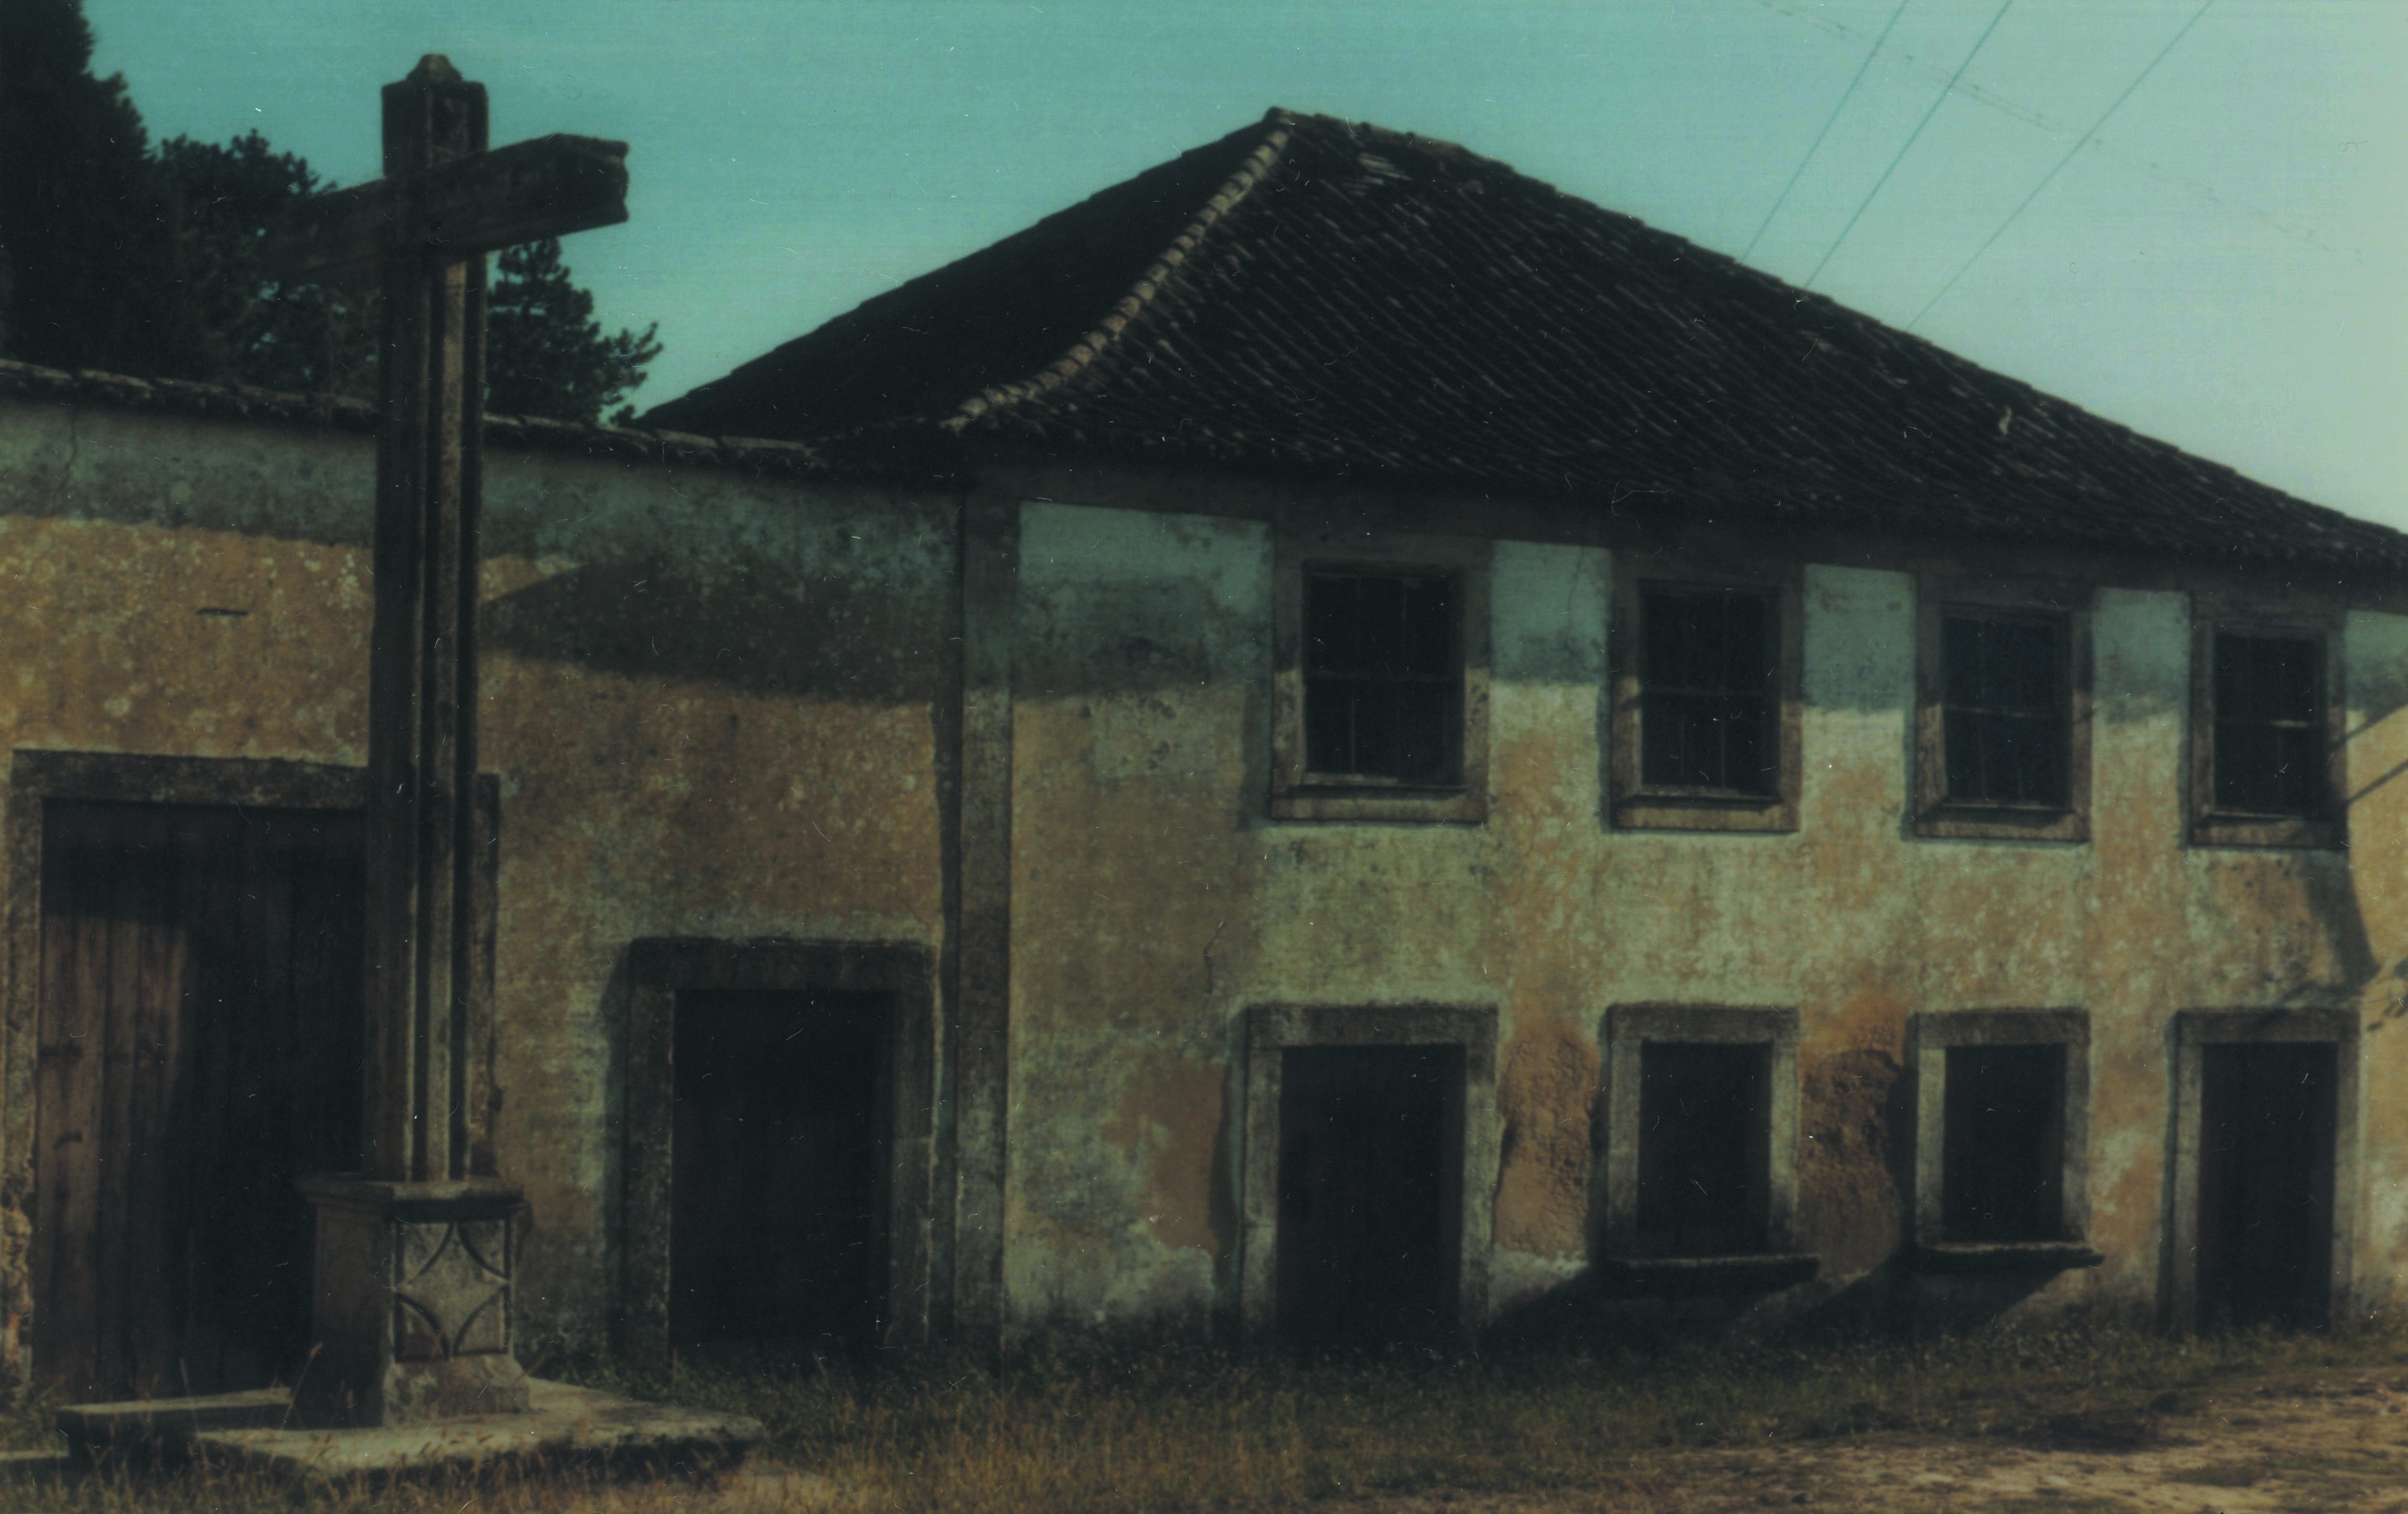 Vendas, PInheiro da Bemposta (1984)